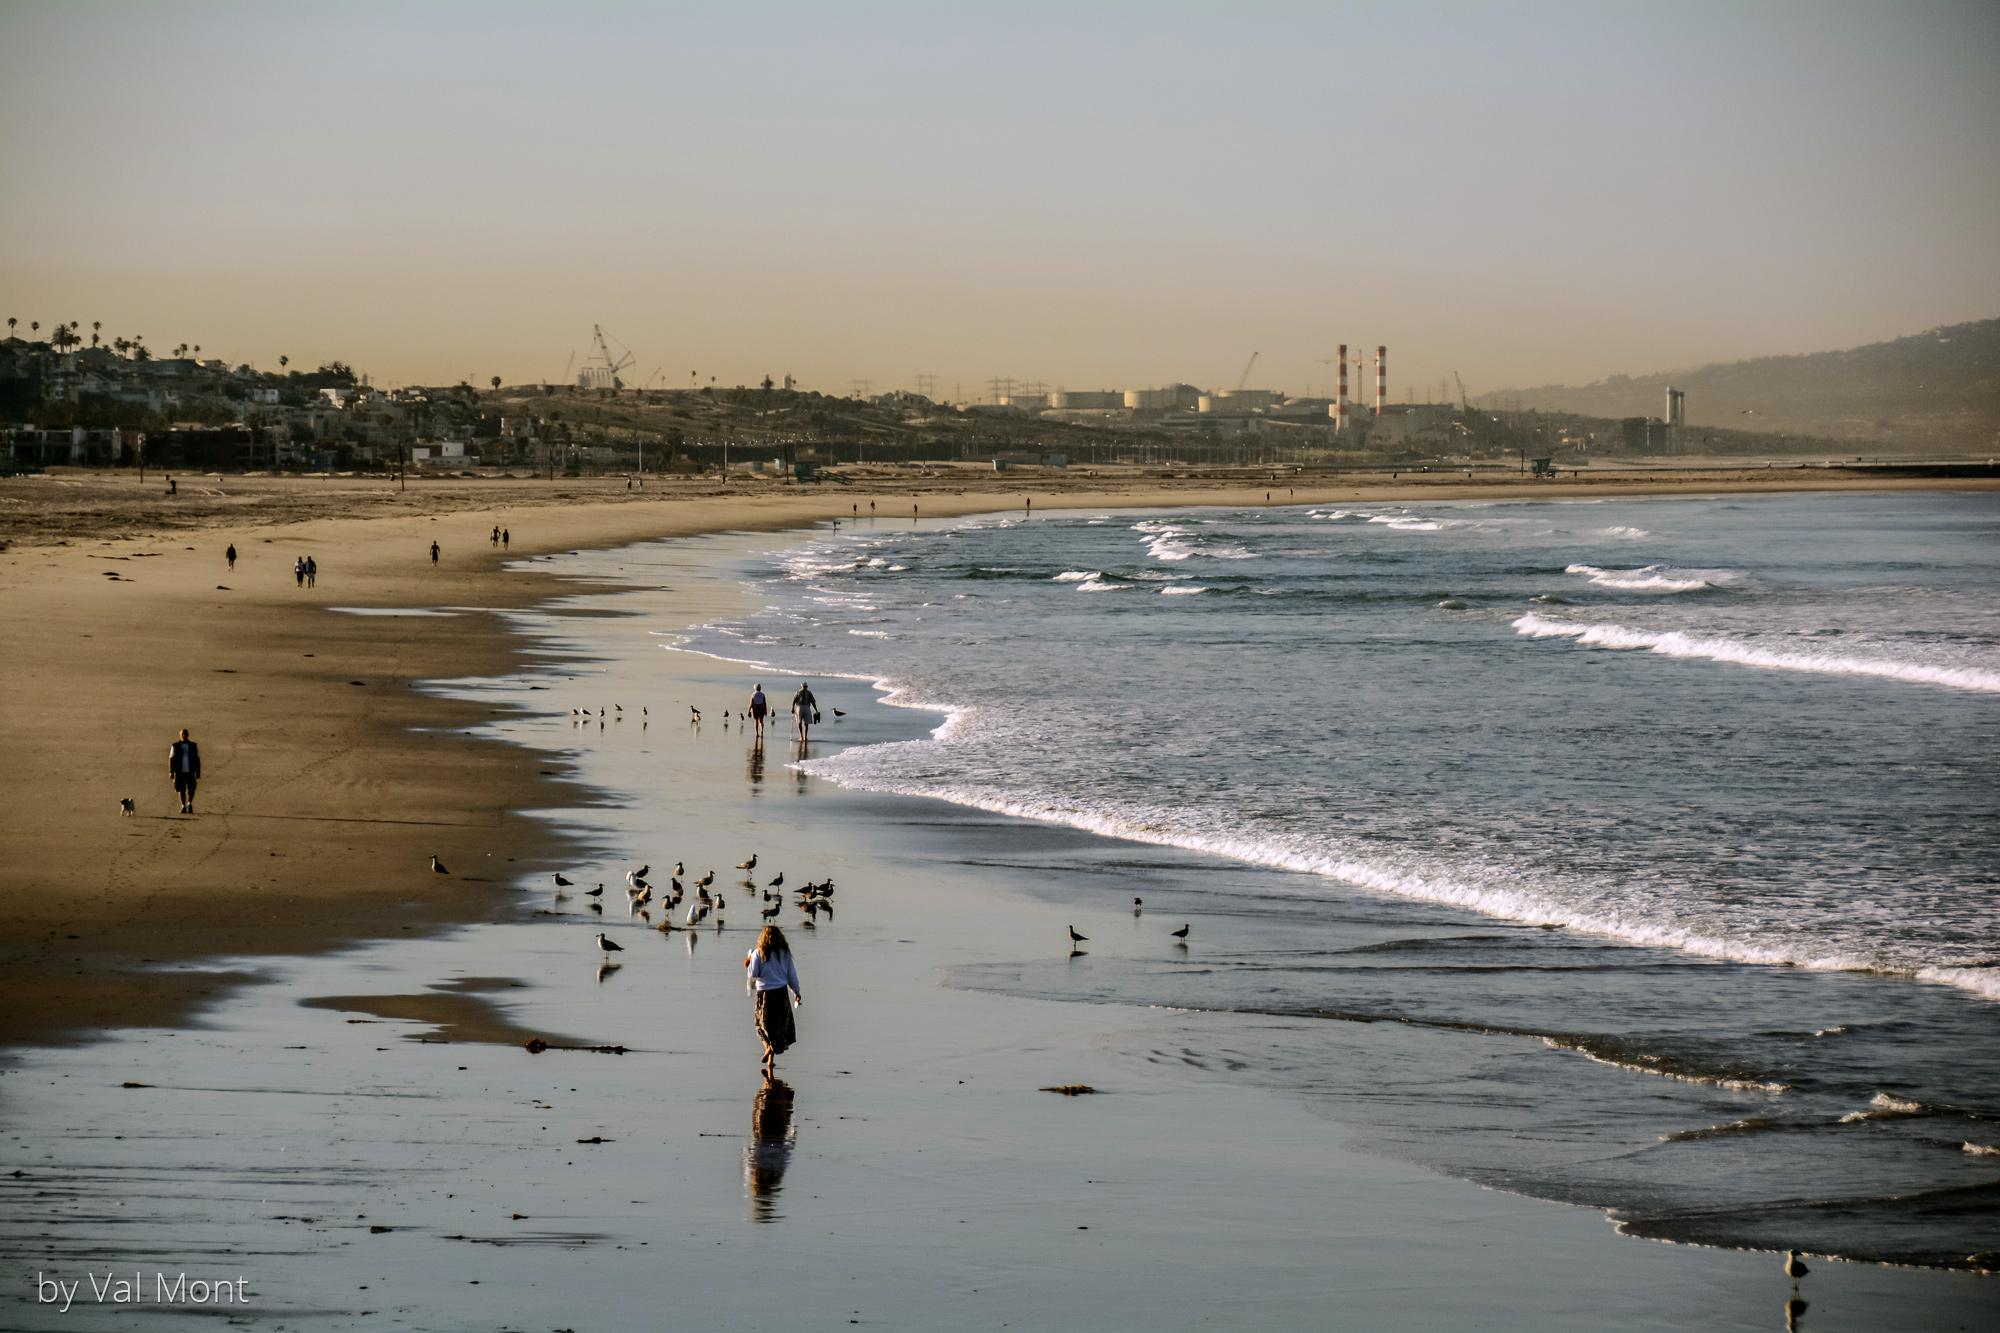 Venice Beach: Morgendlicher Blick vom Pier nach Süden. Die Sonne steht noch tief und wirft lange Schatten über den Strand (besonders schön zu sehen bei dem Mann links und seinem kleinen Hund).